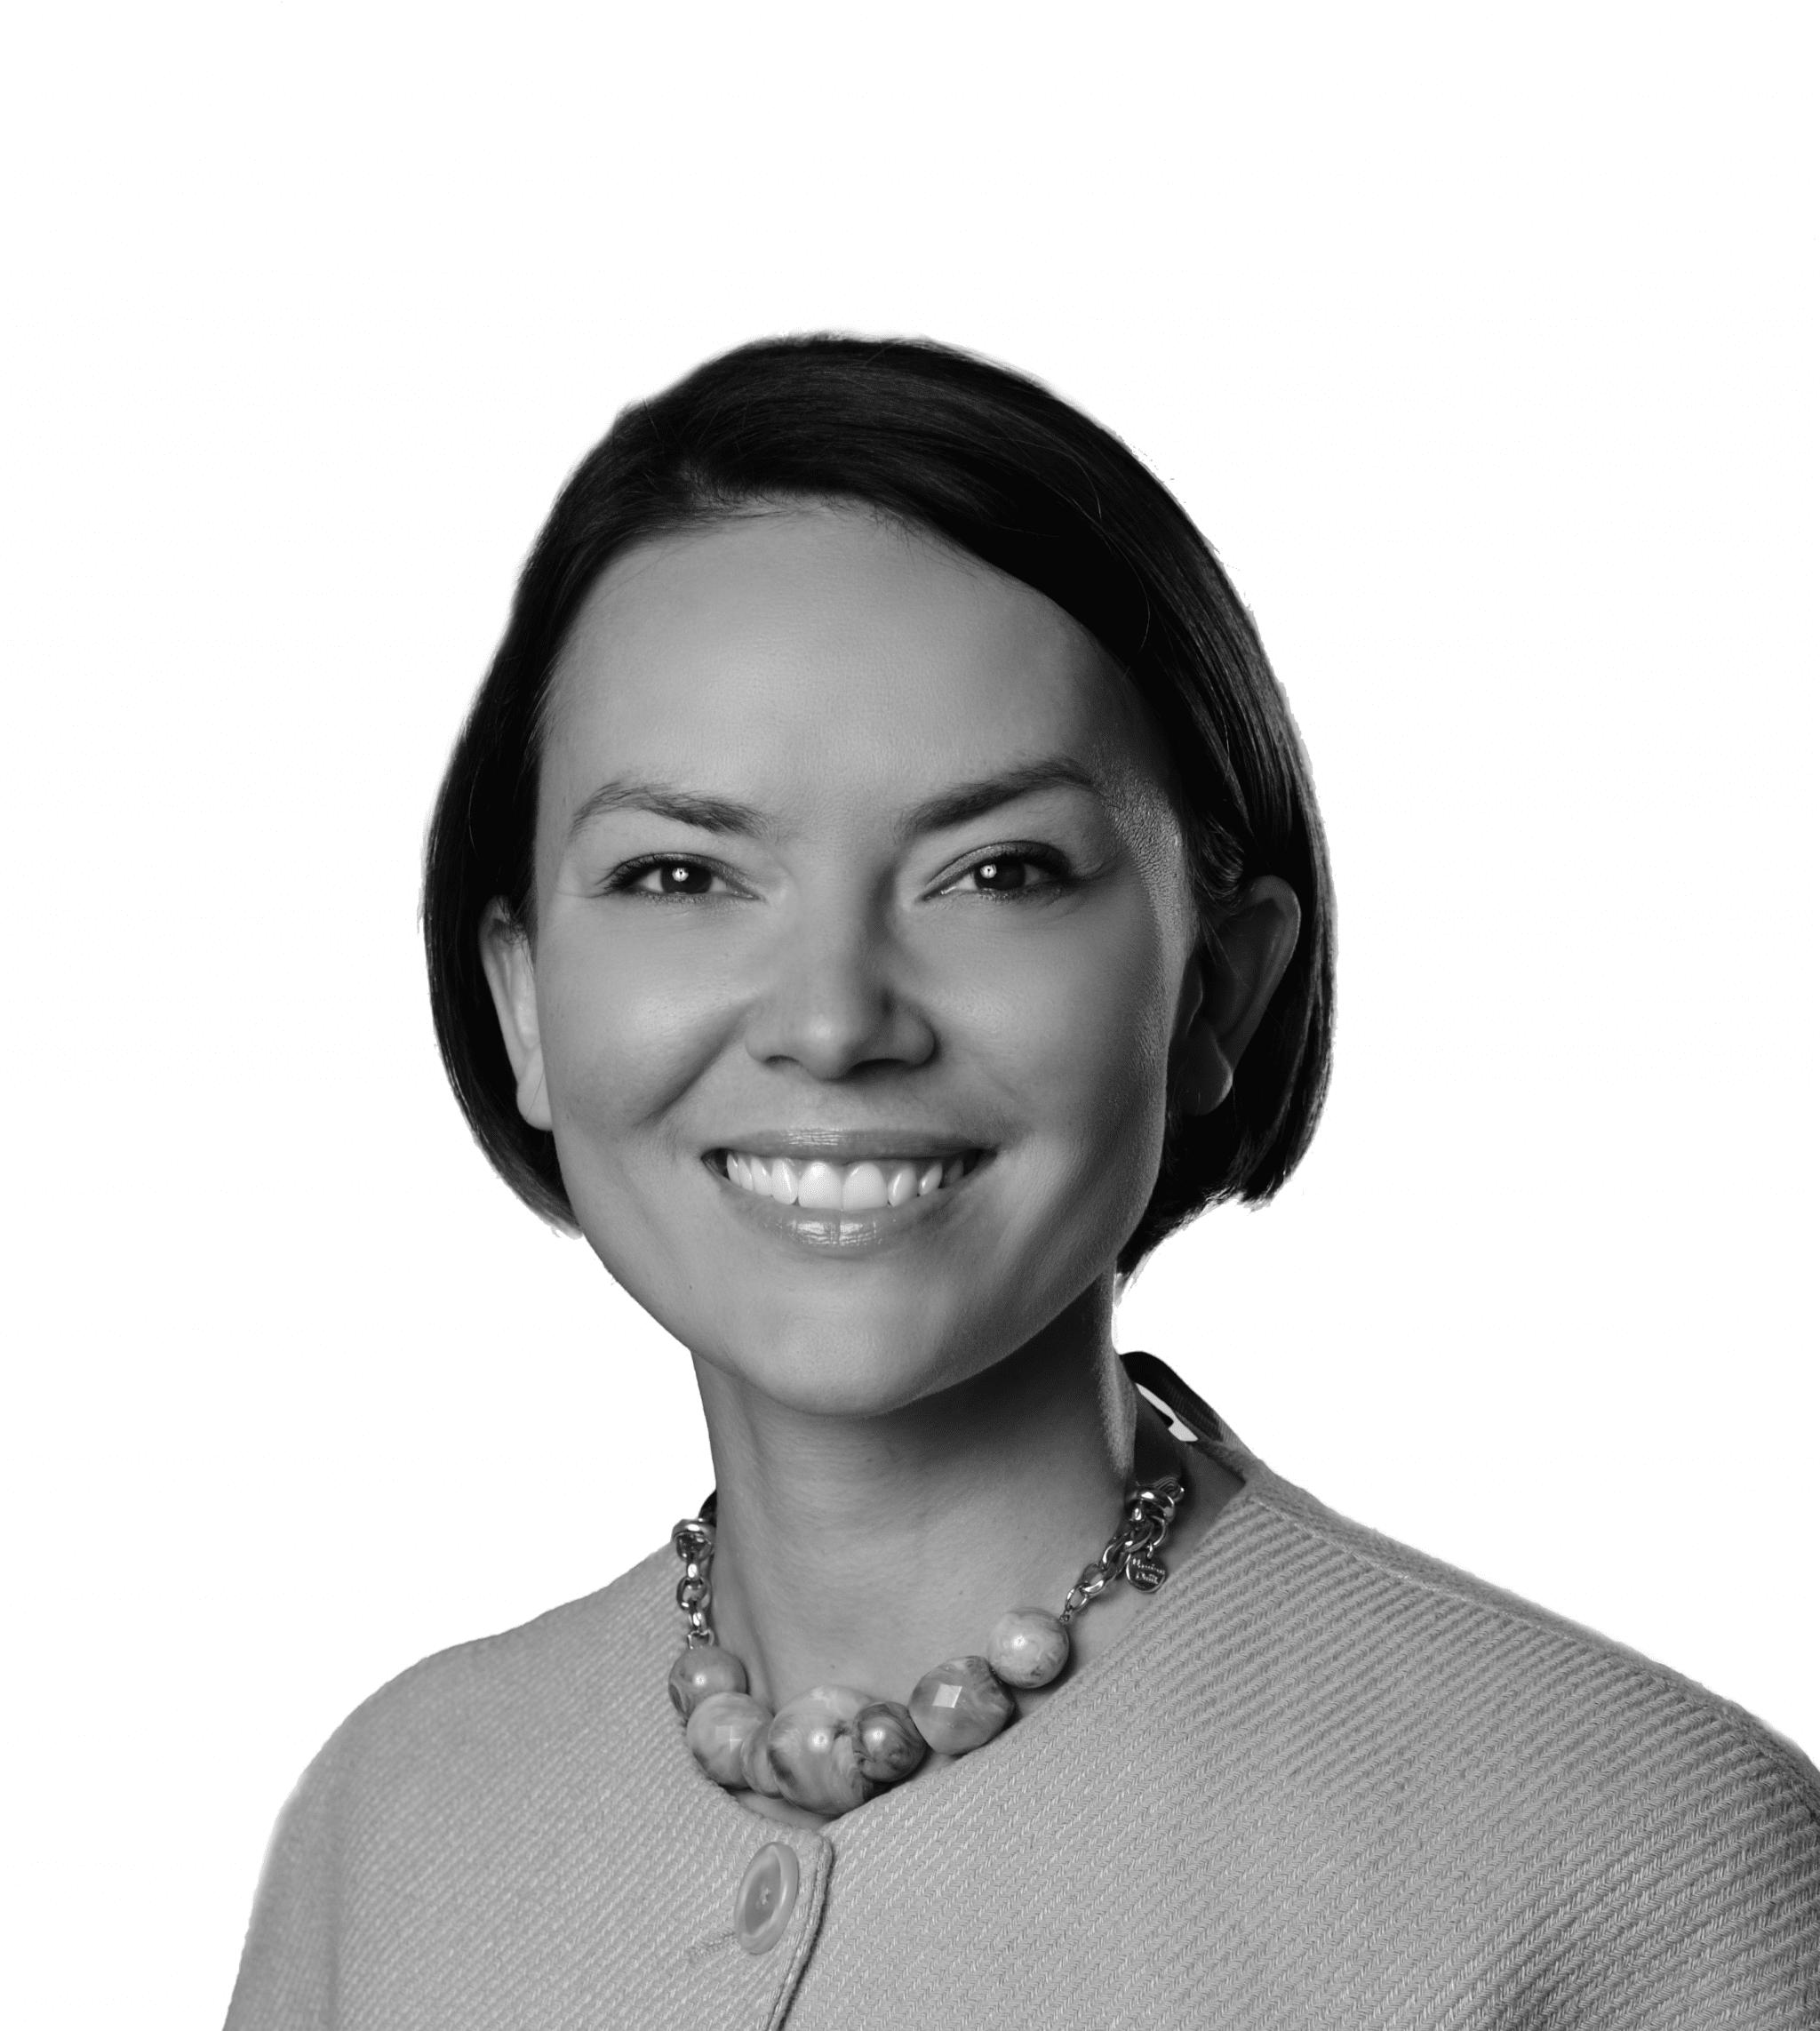 Melisa Gibovic